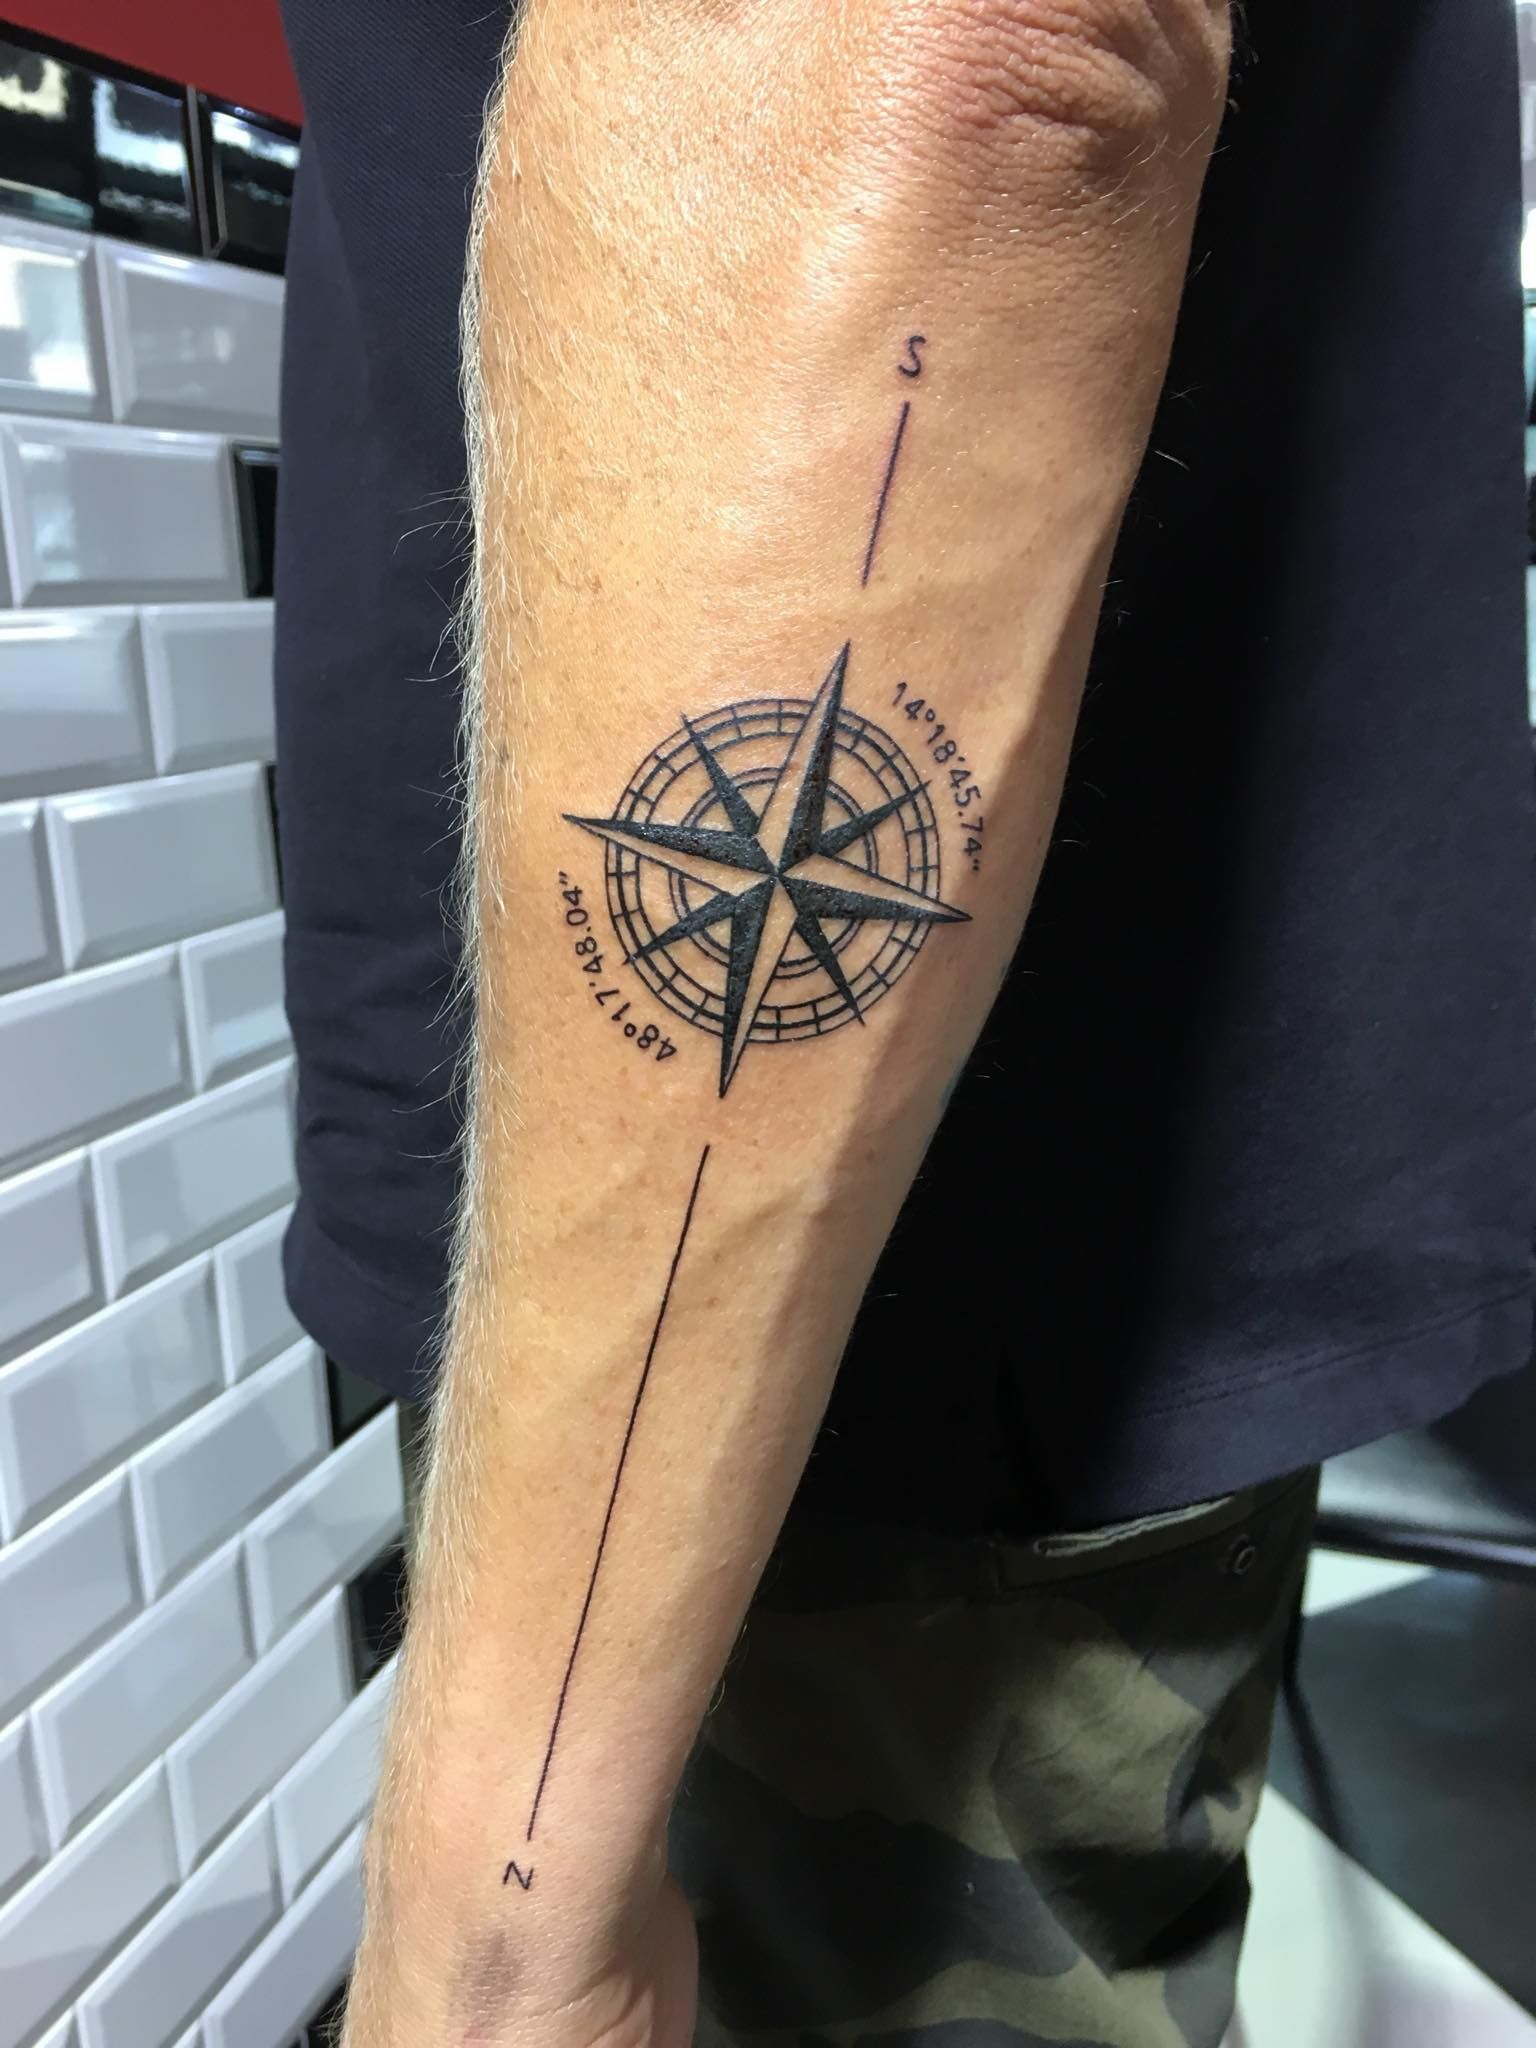 Tom Barker Tattoo Wien Wientattoo Tattoovienna Tattoo Linetattoo Linework Piercing Tattoo In 2020 Cool Forearm Tattoos Simple Forearm Tattoos Simple Arm Tattoos